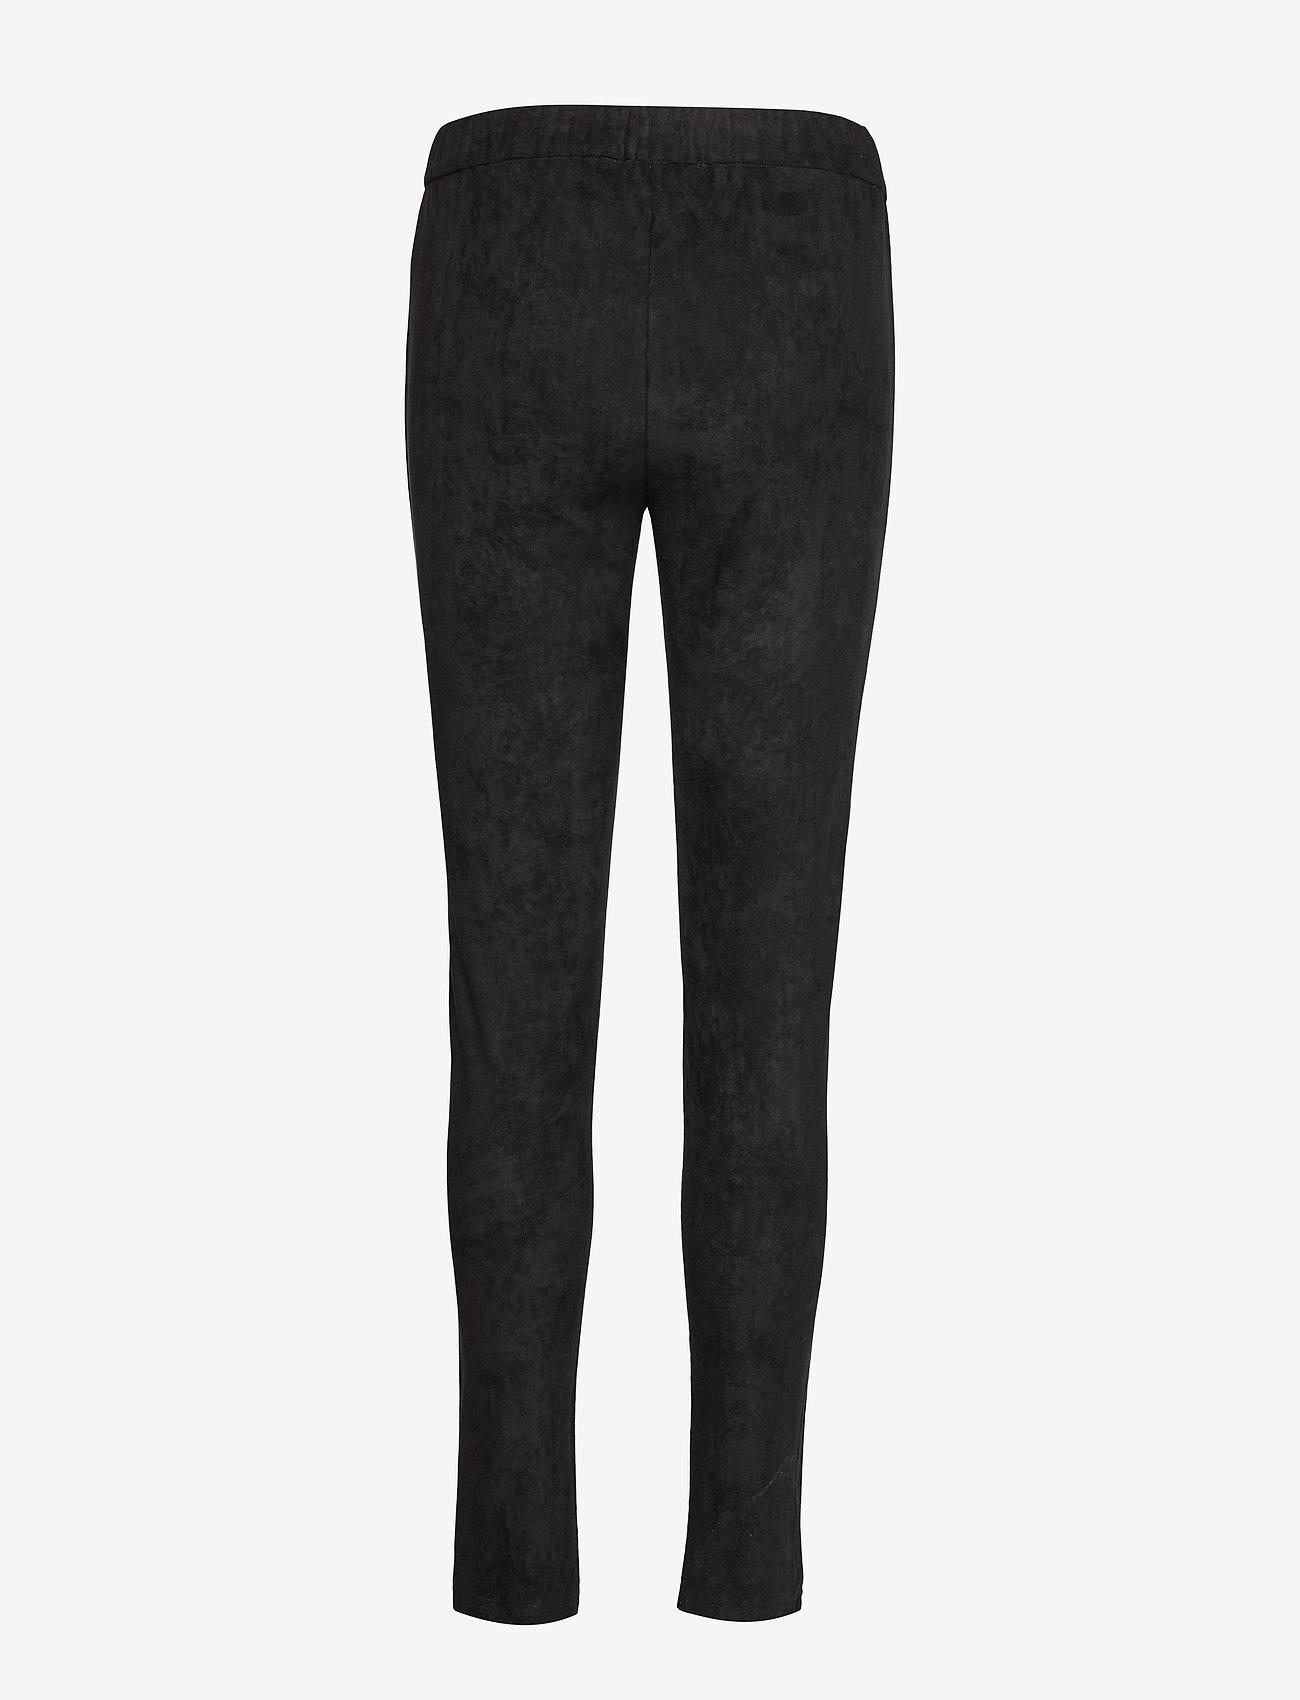 Pants (Black) - Sofie Schnoor 04WX4h